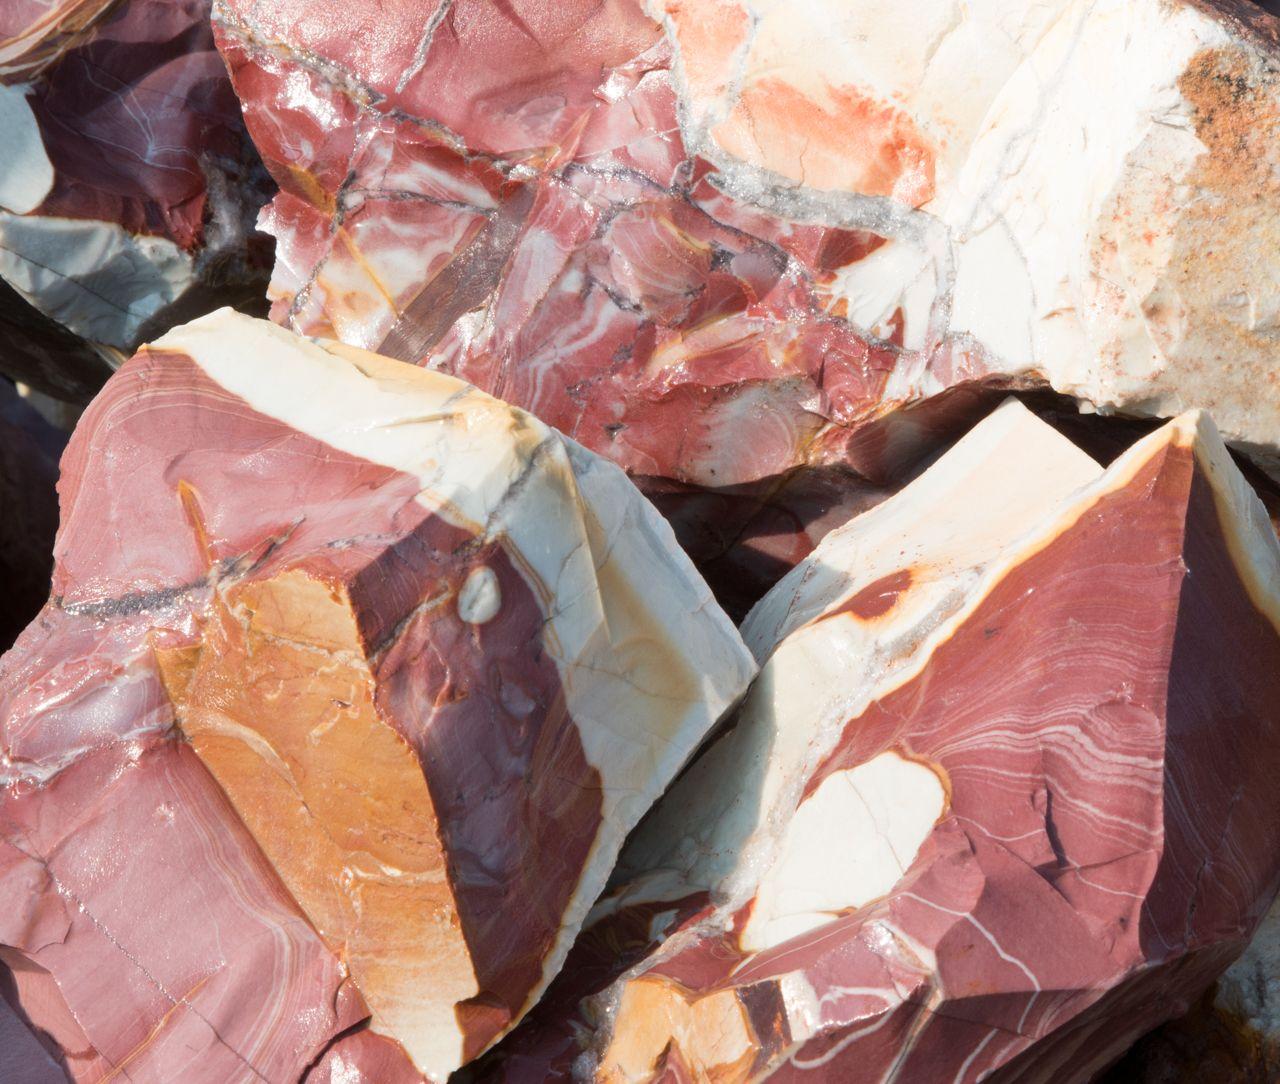 """de nationale steen van Australië ookwel """"Aborignalstone"""" genoemd. Eindelijk na 16 jaar weer bij ons op voorraad! Geweldig mooie kleuren & geweldige energie! in Jiggalong Mission - Western Australia"""